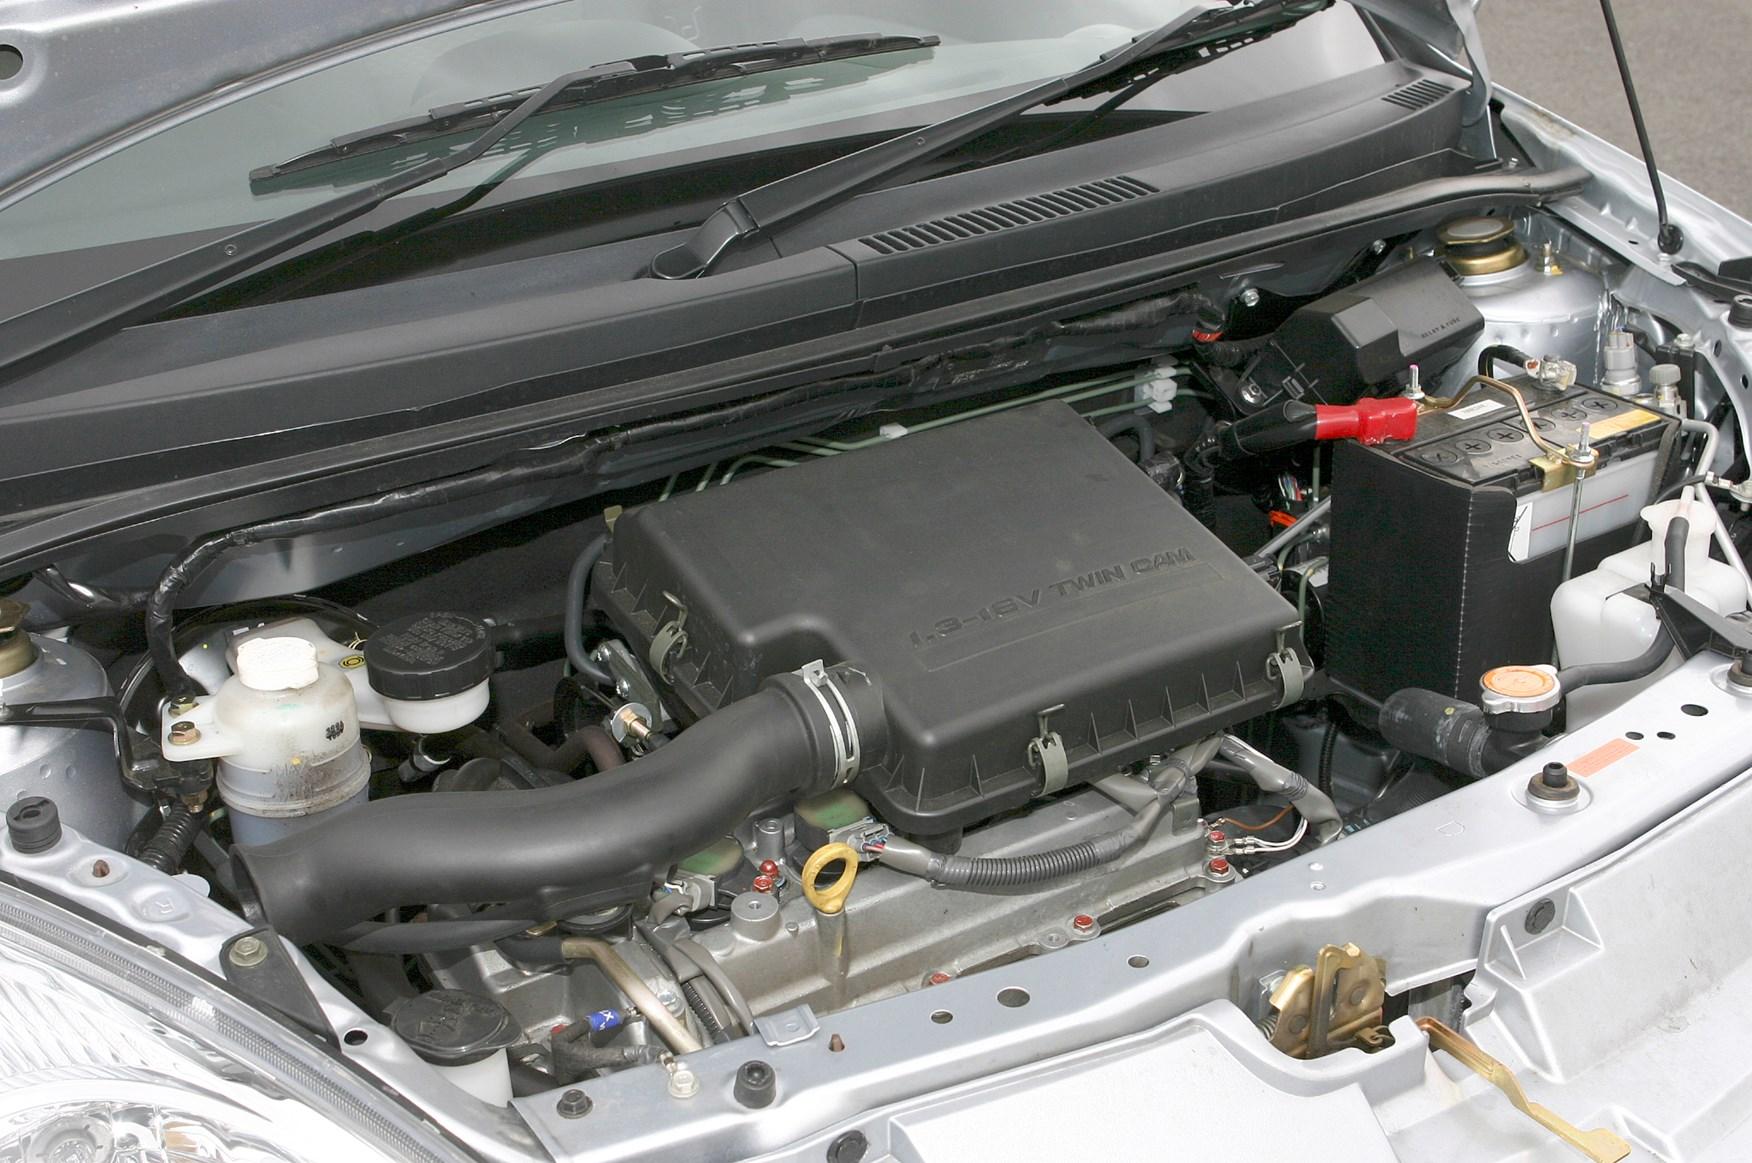 Perodua Myvi Hatchback (2006 - 2015) Photos  Parkers